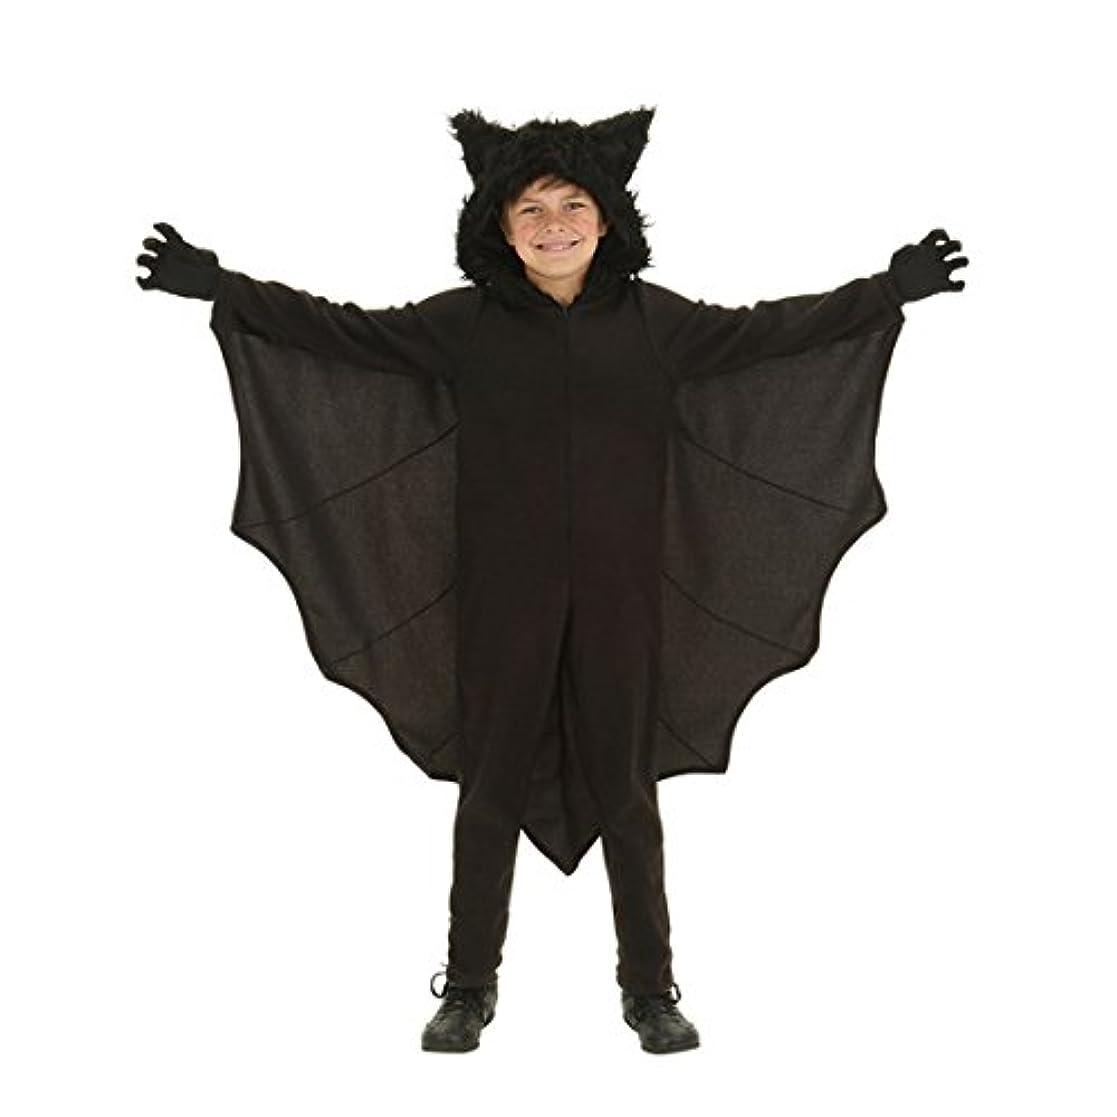 仮装フェンスまた明日ねcnstone ハロウィン 衣装 子供 男の子 悪魔 小悪魔 ハロウィーン 仮装 コスプレ コスチューム 子供 こうもり コウモリ ヴァンパイア ドラキュラ コスプレ 子供用 蝙蝠変装 (L)